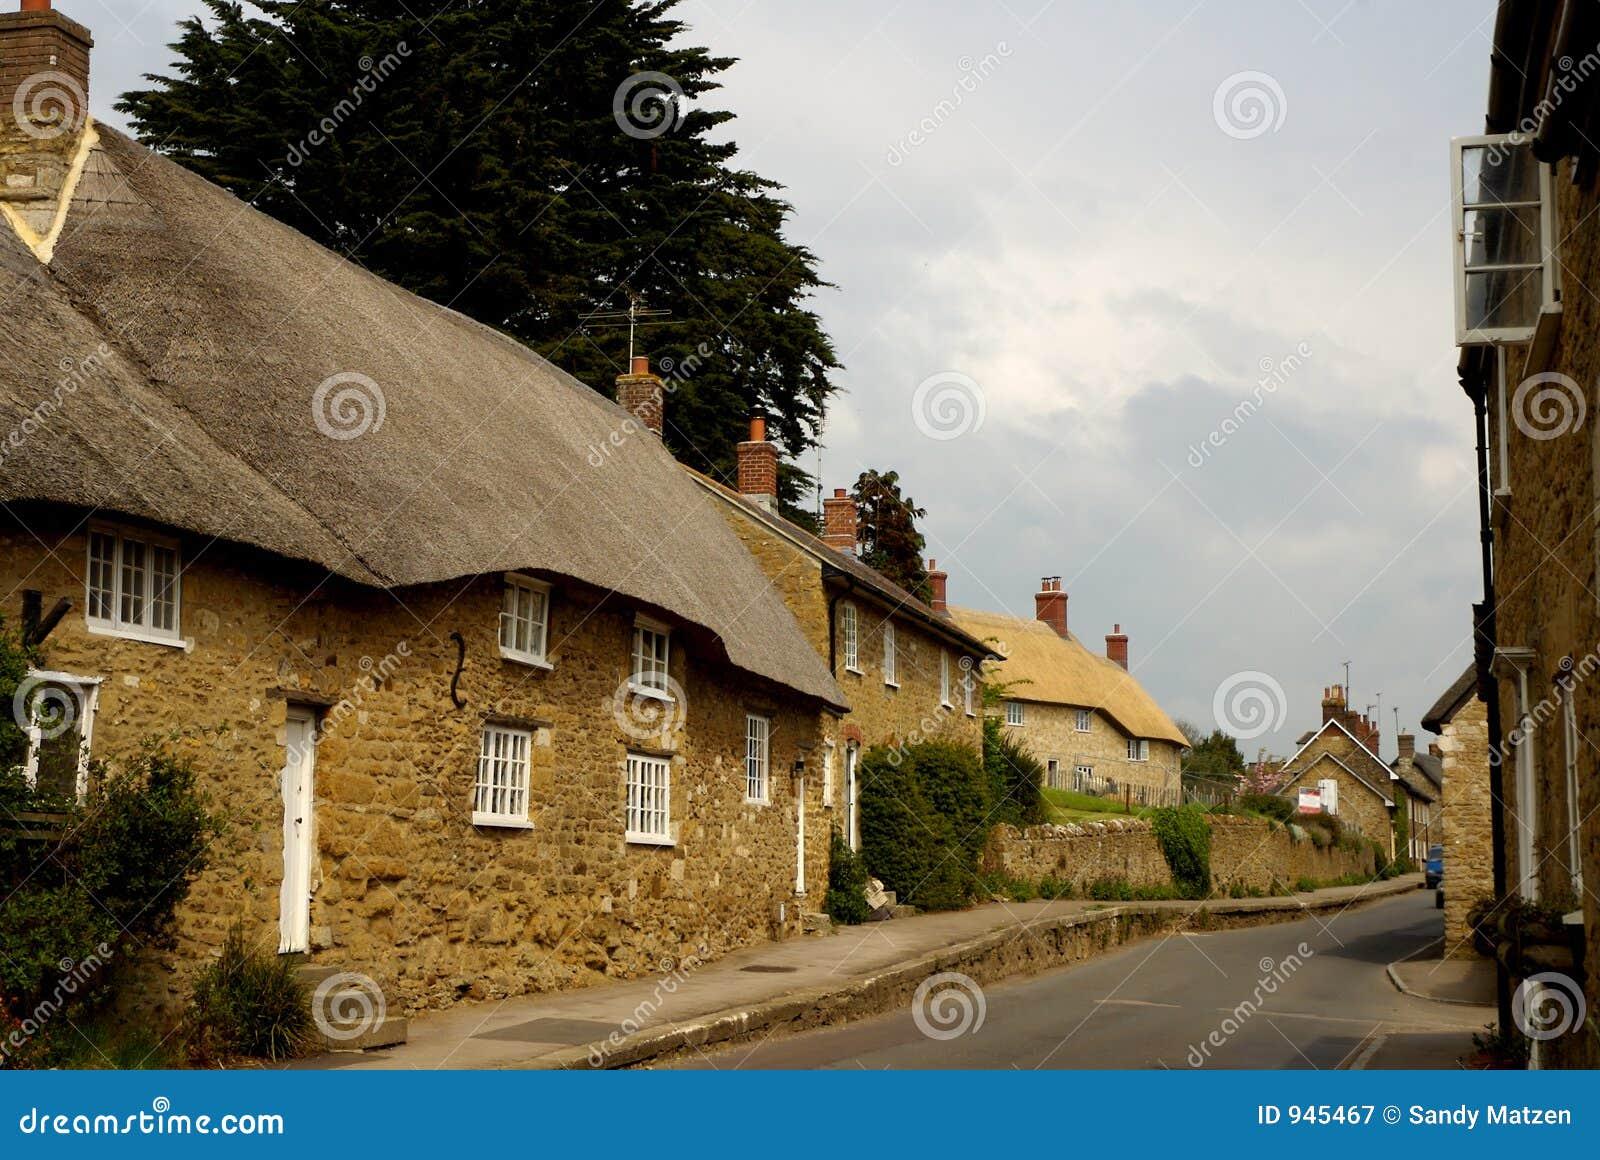 Casas de campo thatached telhado